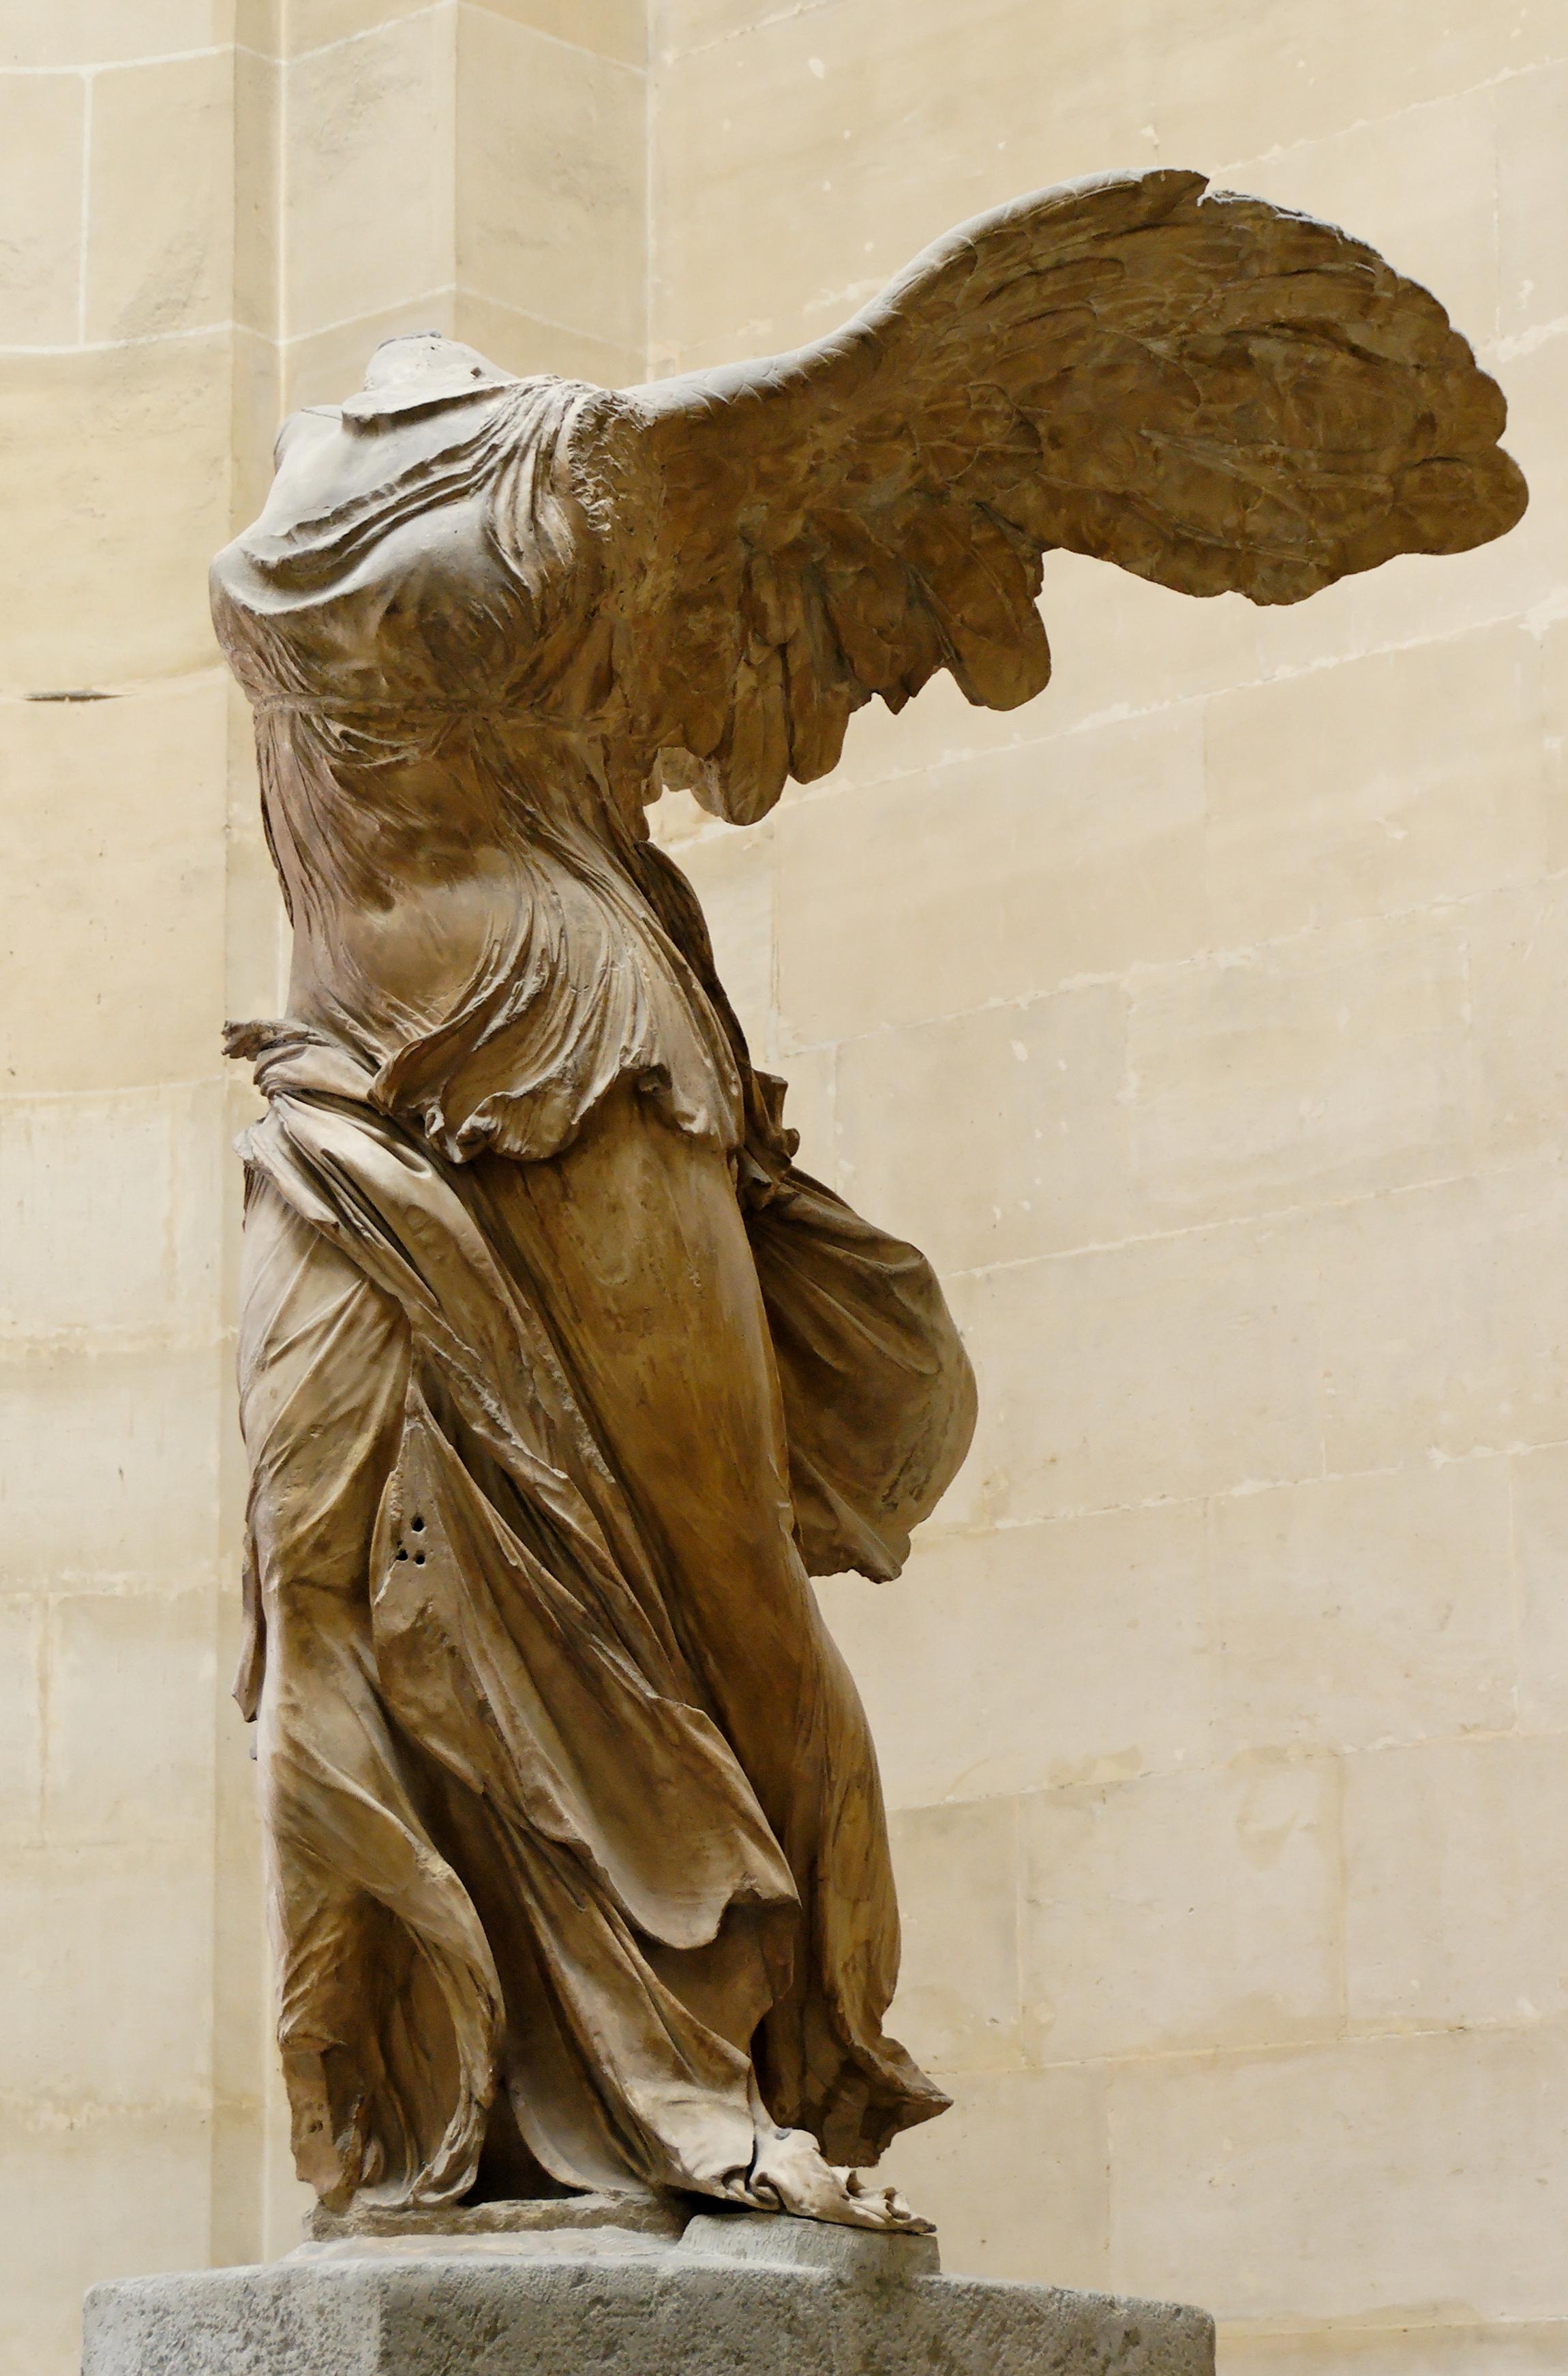 https://i2.wp.com/upload.wikimedia.org/wikipedia/commons/5/5f/Nike_of_Samothrake_Louvre_Ma2369_n4.jpg